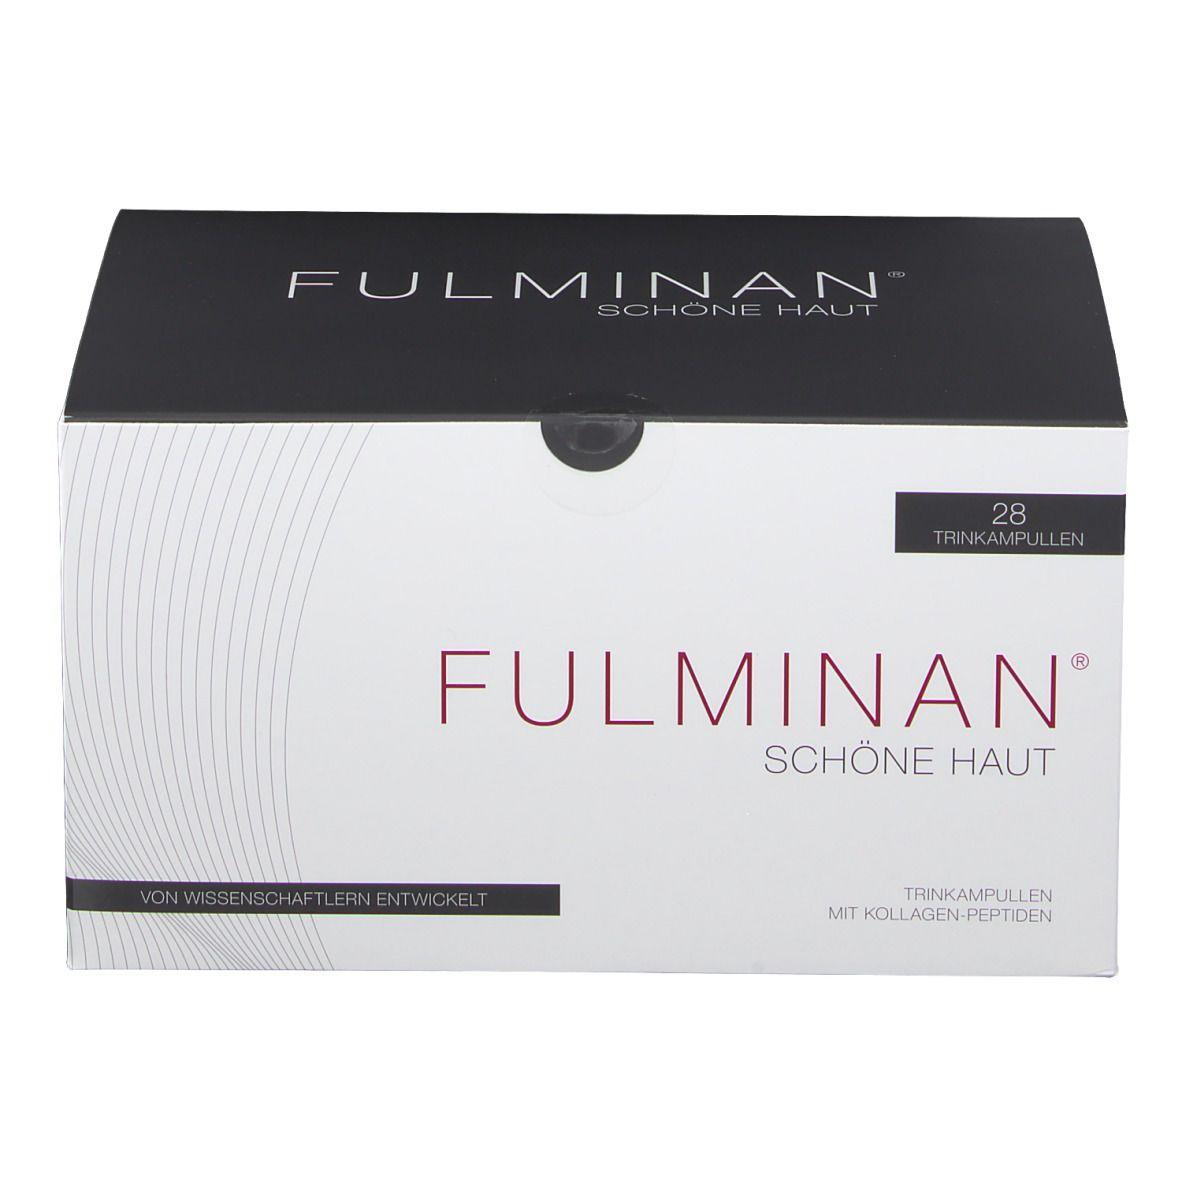 FULMINAN® Schöne Haut